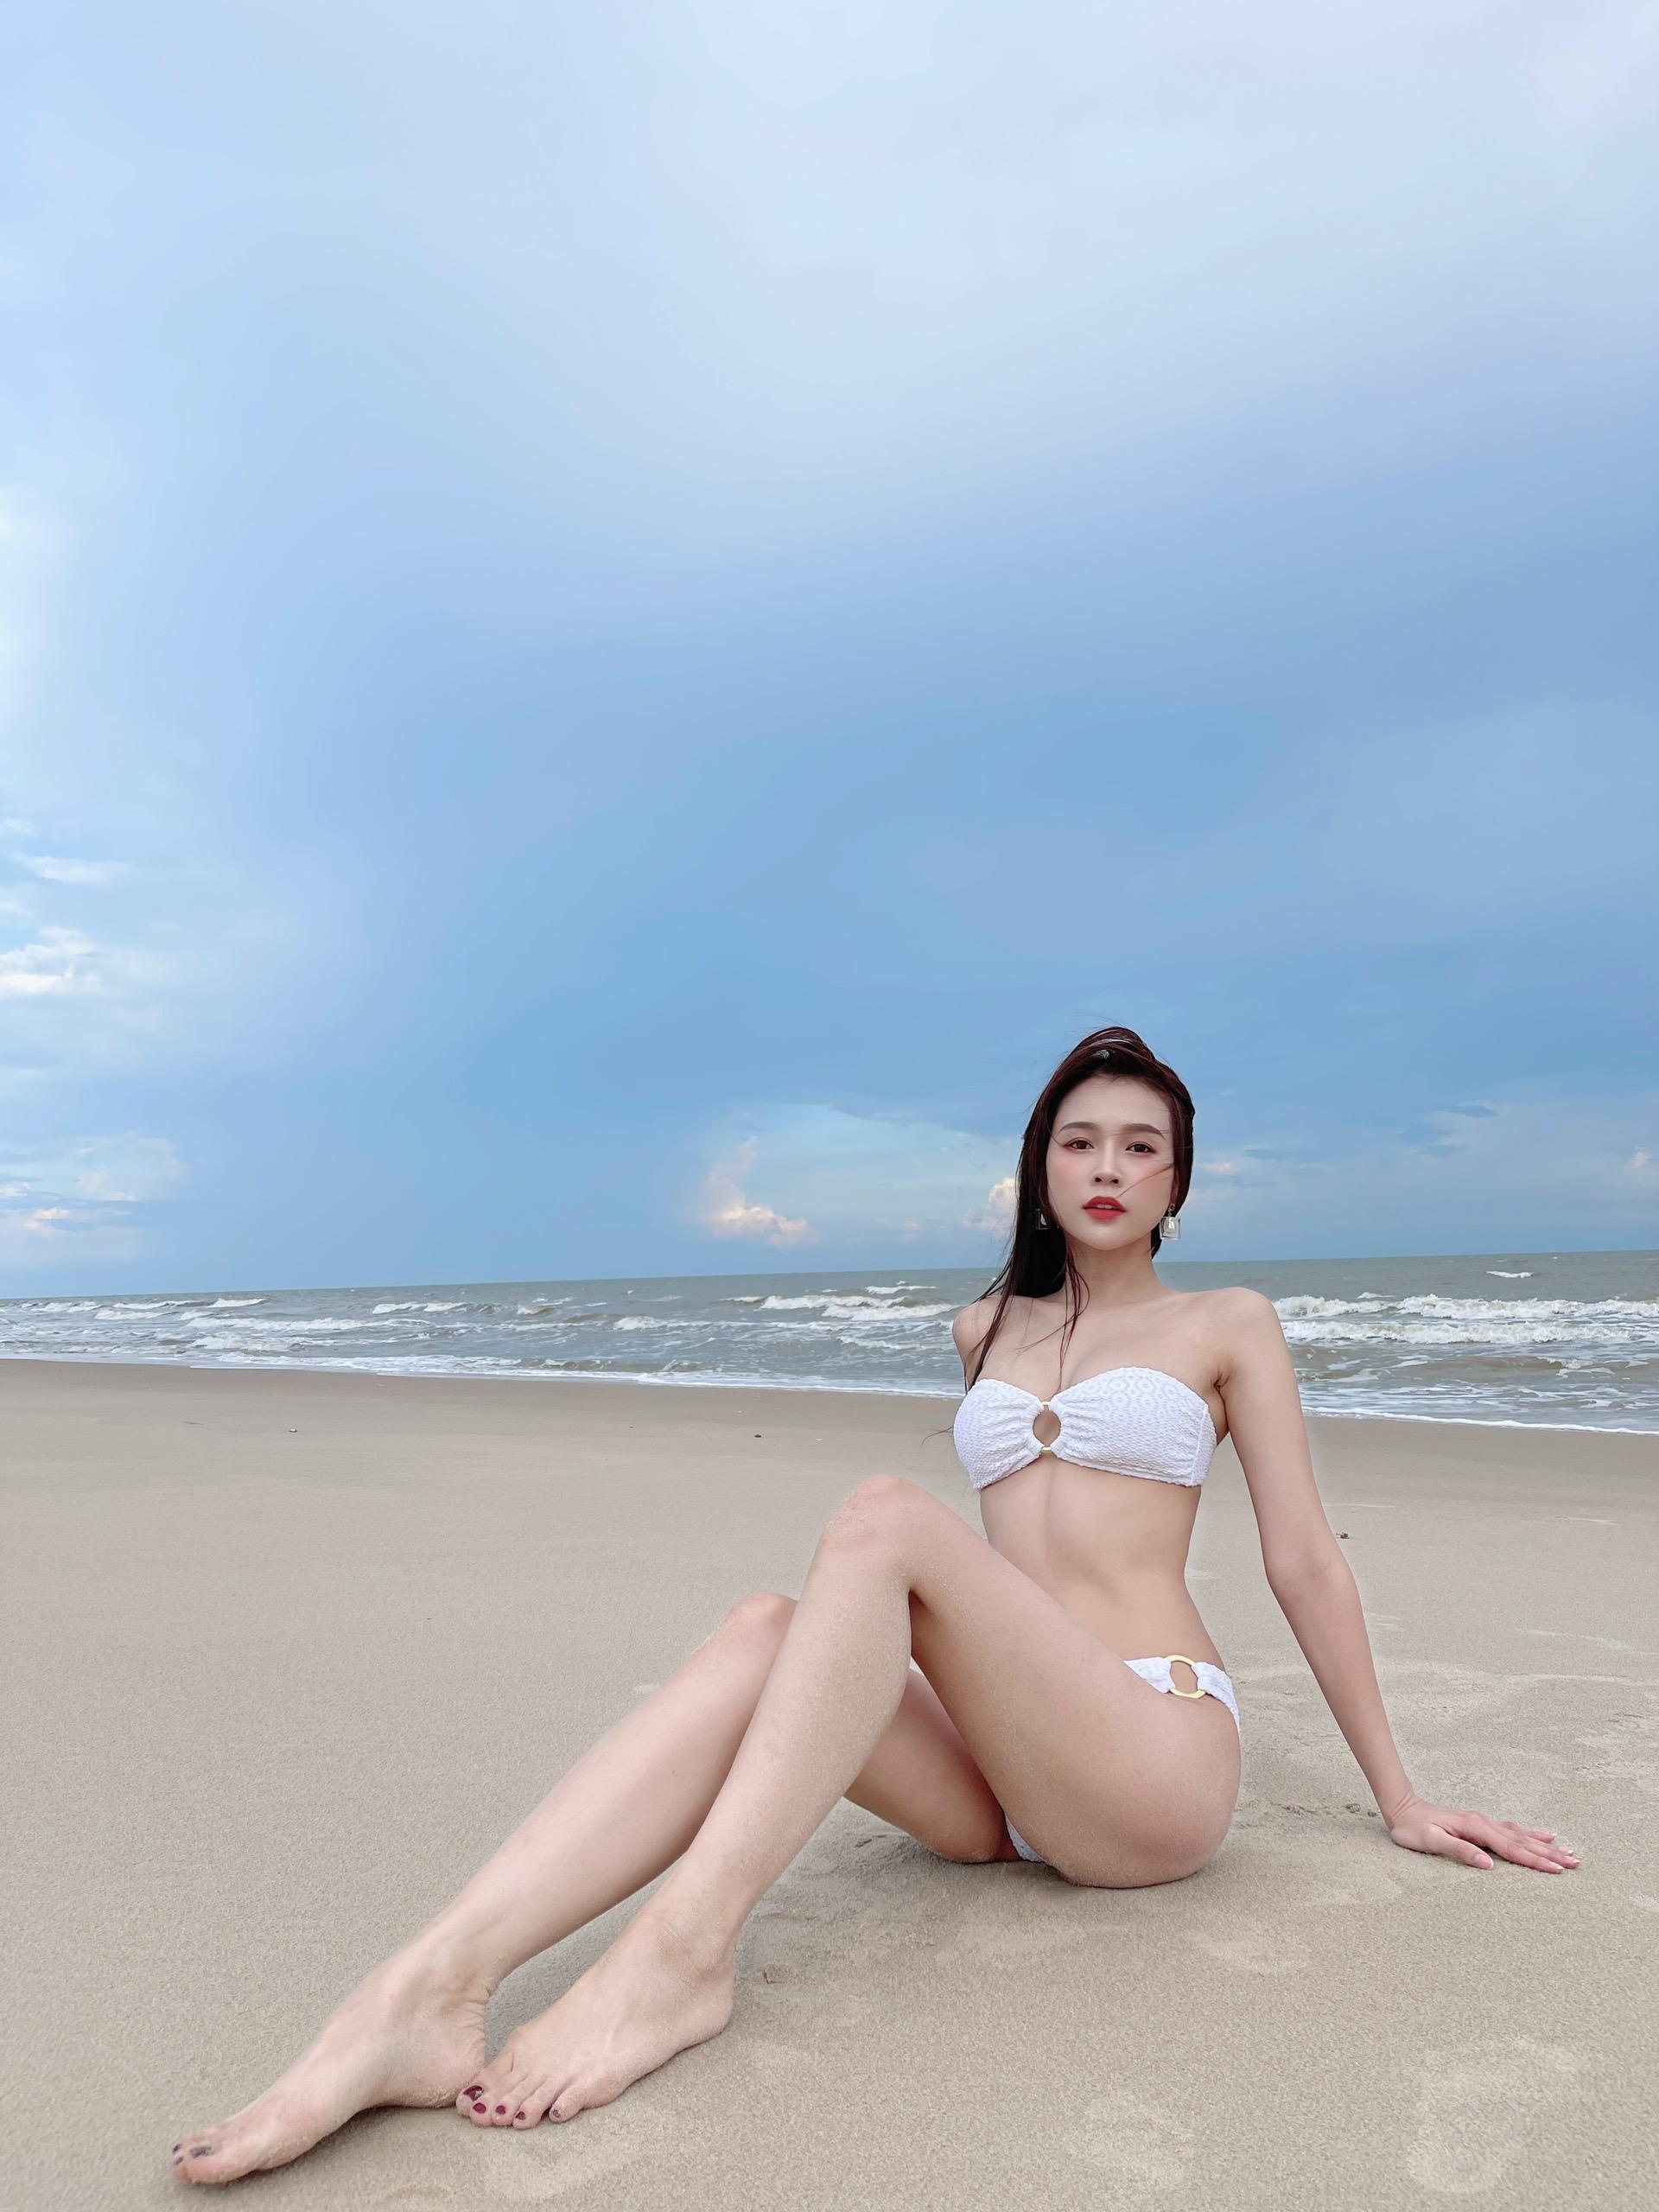 Lần hiếm hoi khoe ảnh bikini, Sam gây bão vì quá gợi cảm - Ảnh 4.